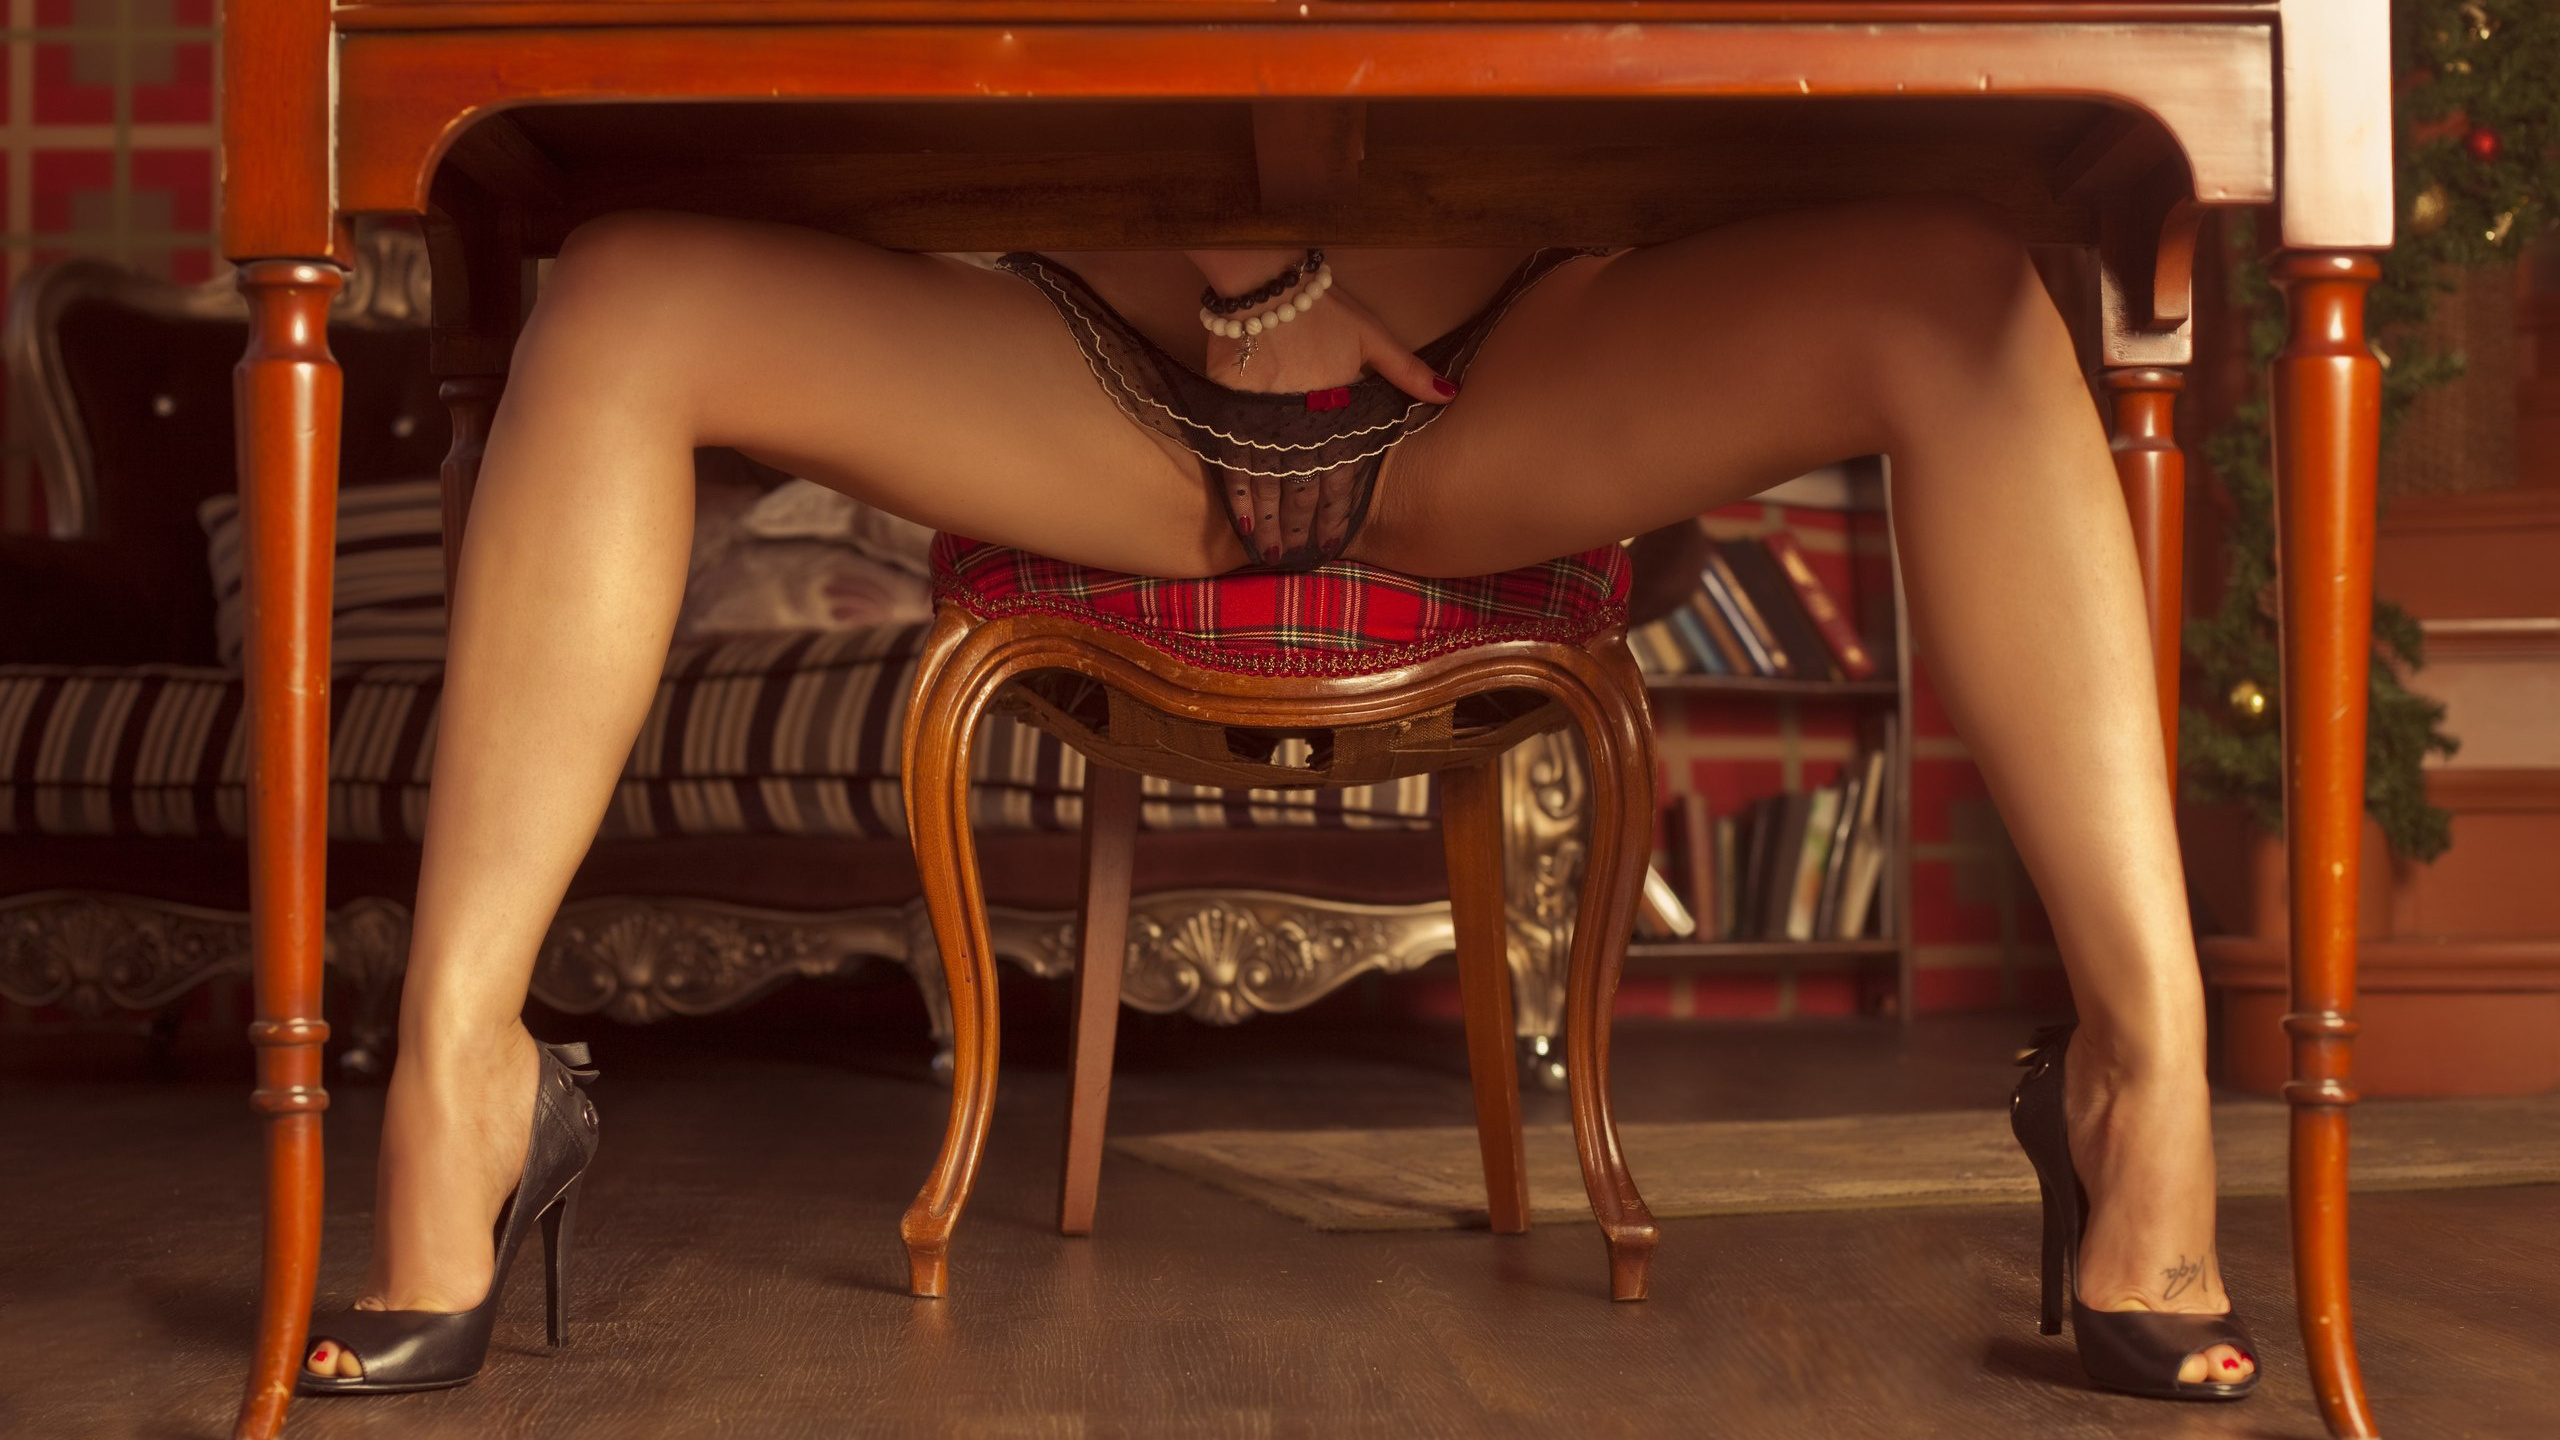 Проститутка раздвигает ноги в ресторане соблазняет 1 фотография